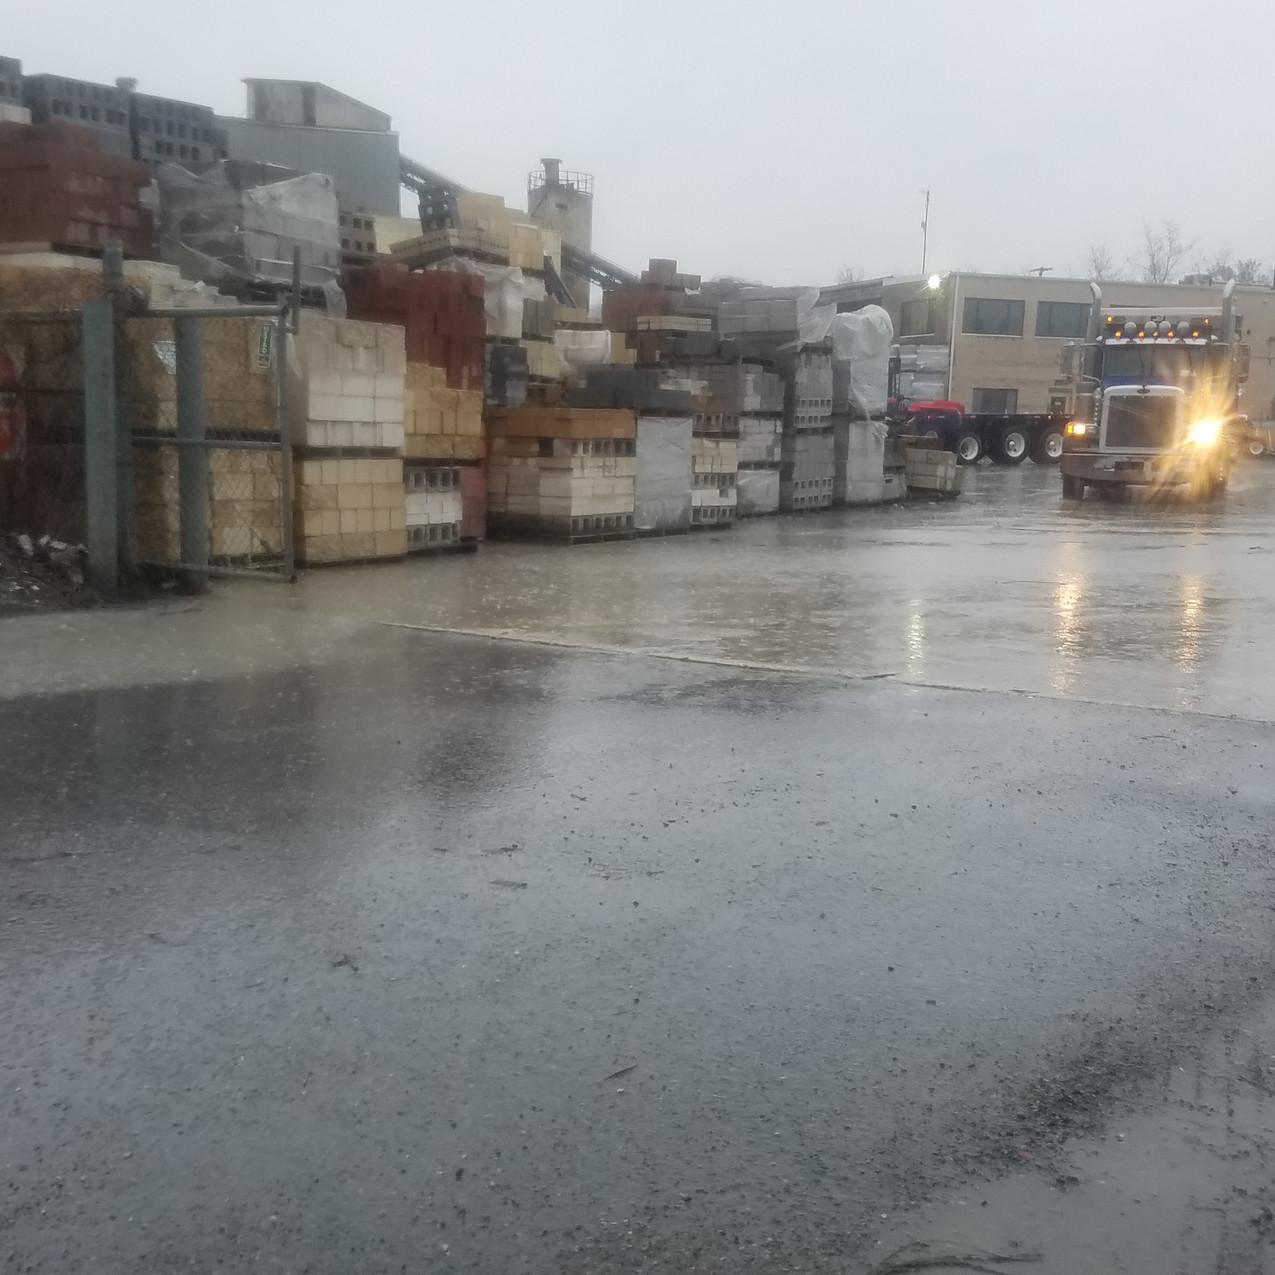 Ernest Maier loading area